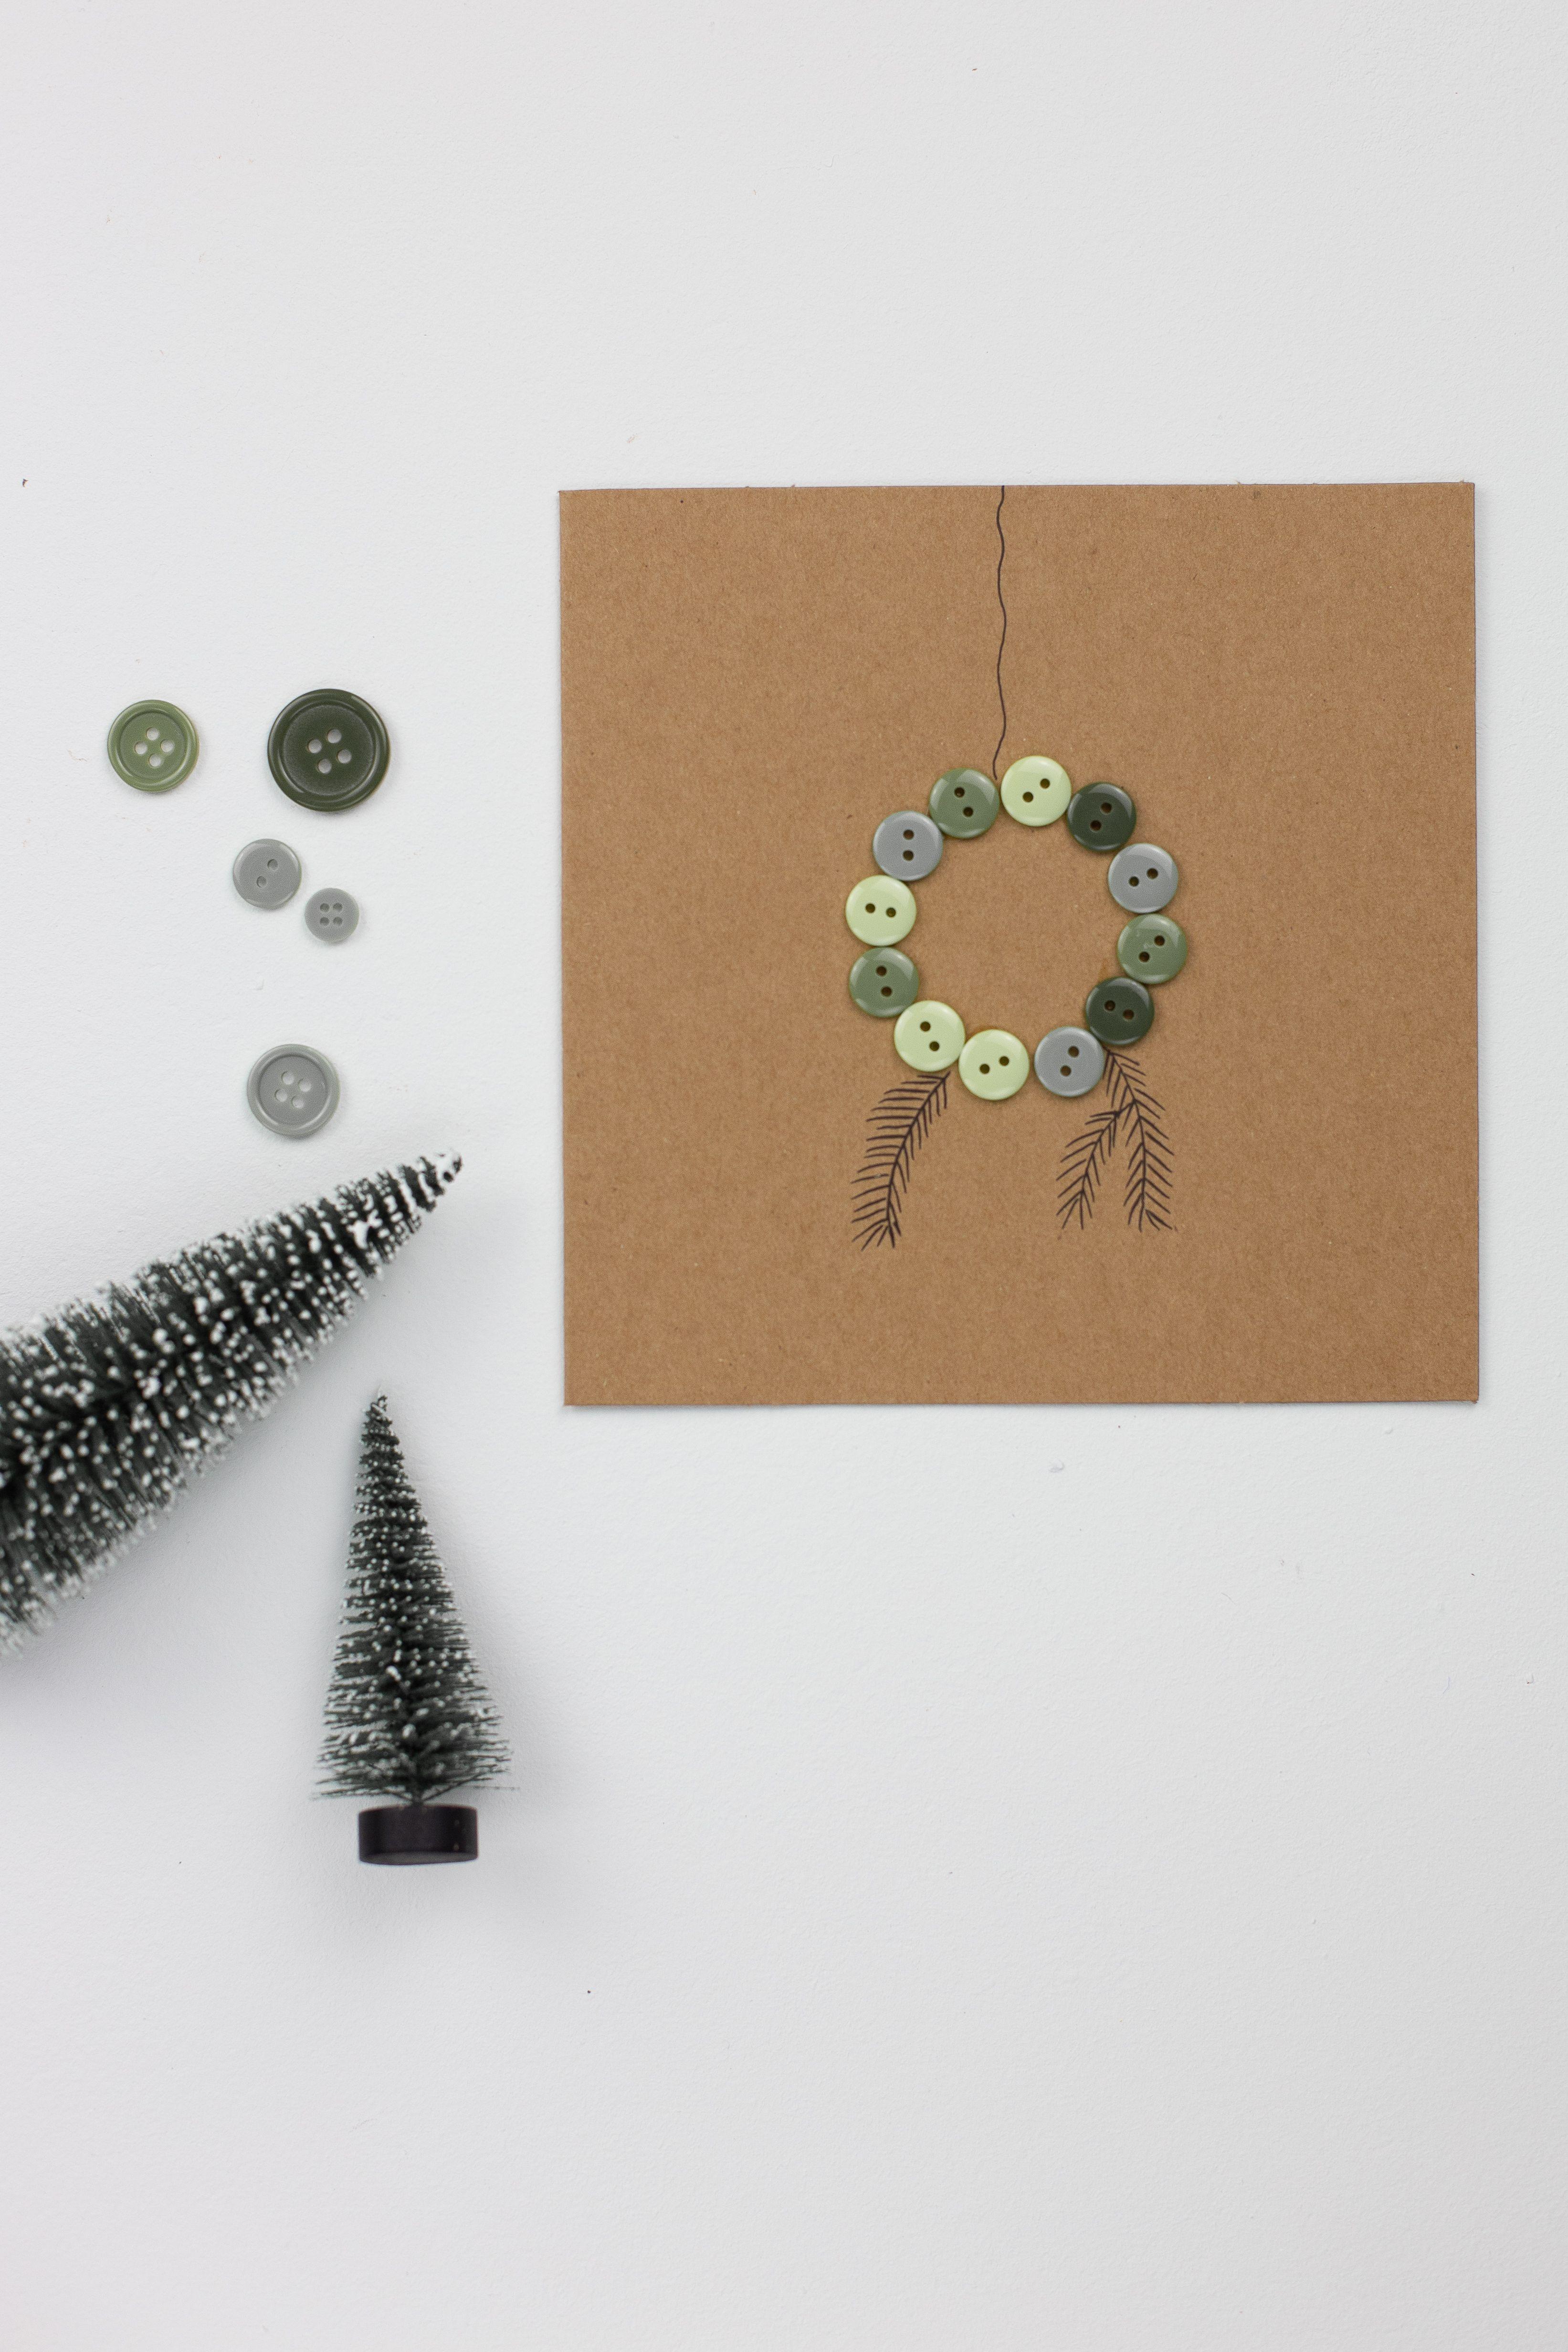 diy karten upcycling mit kn pfen zu weihnachten. Black Bedroom Furniture Sets. Home Design Ideas